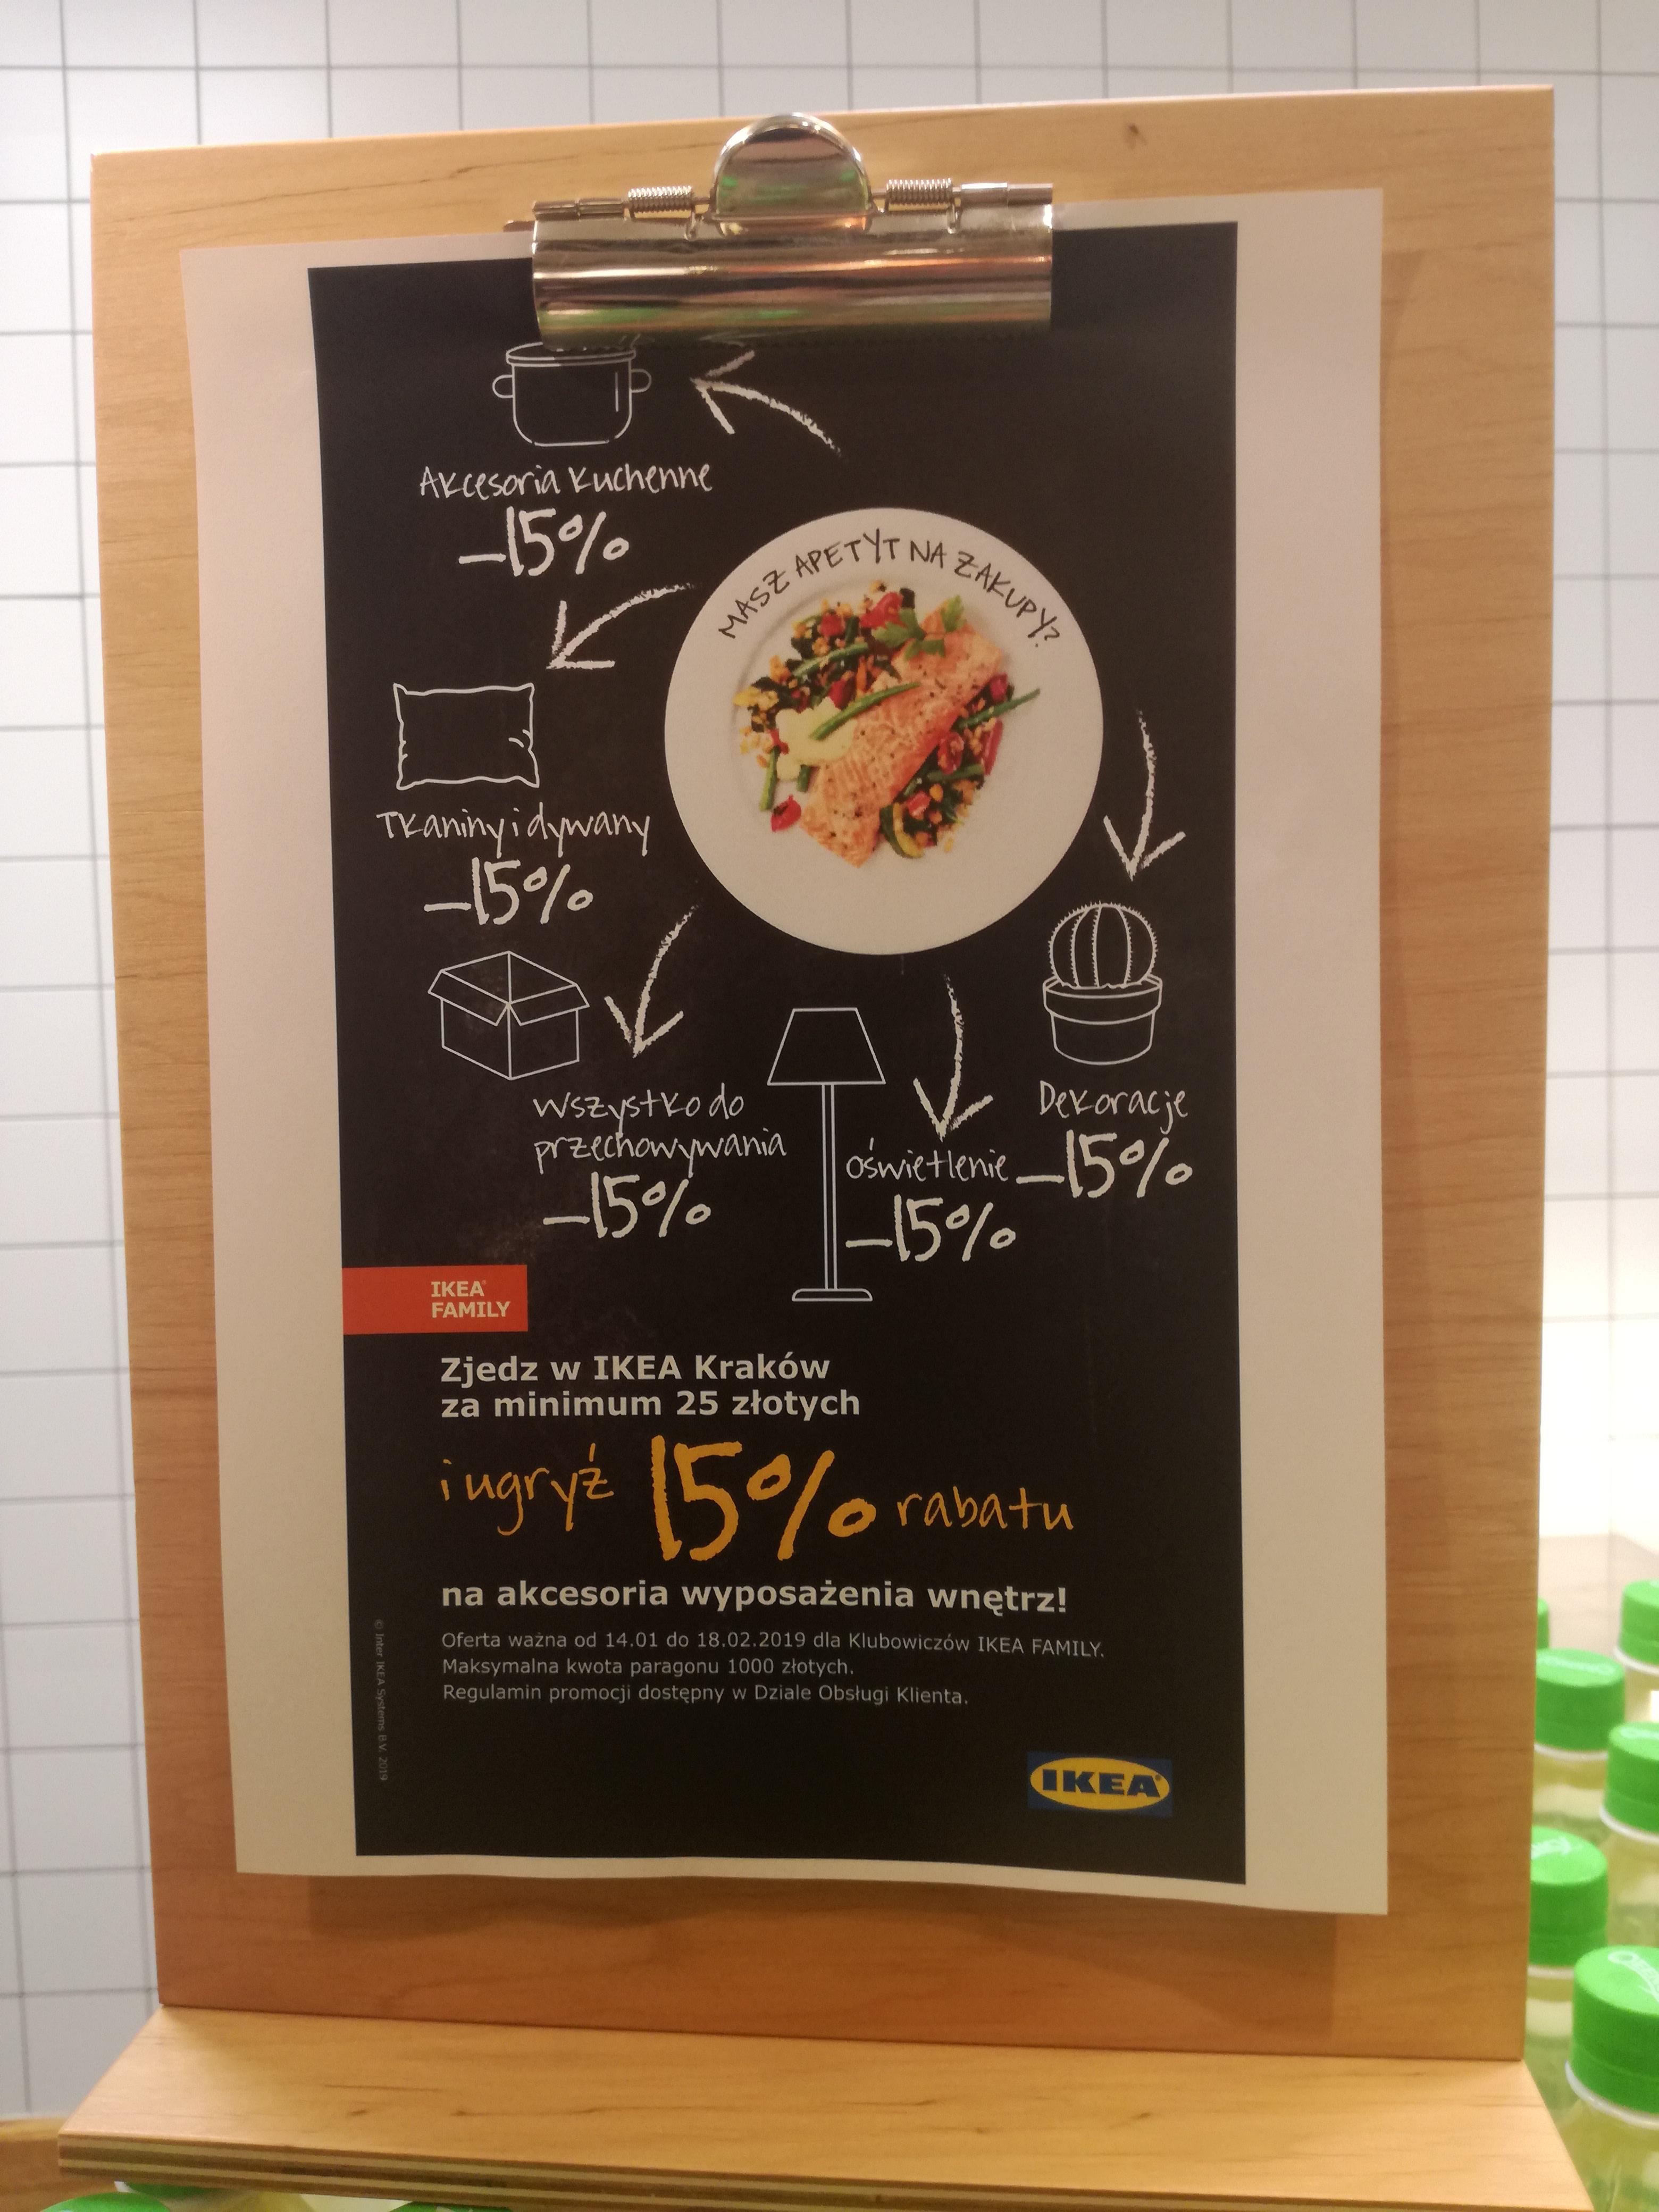 ikea - Rabat 15% na wyposażenie wnętrz przy zakupie w restauracji za 25zl